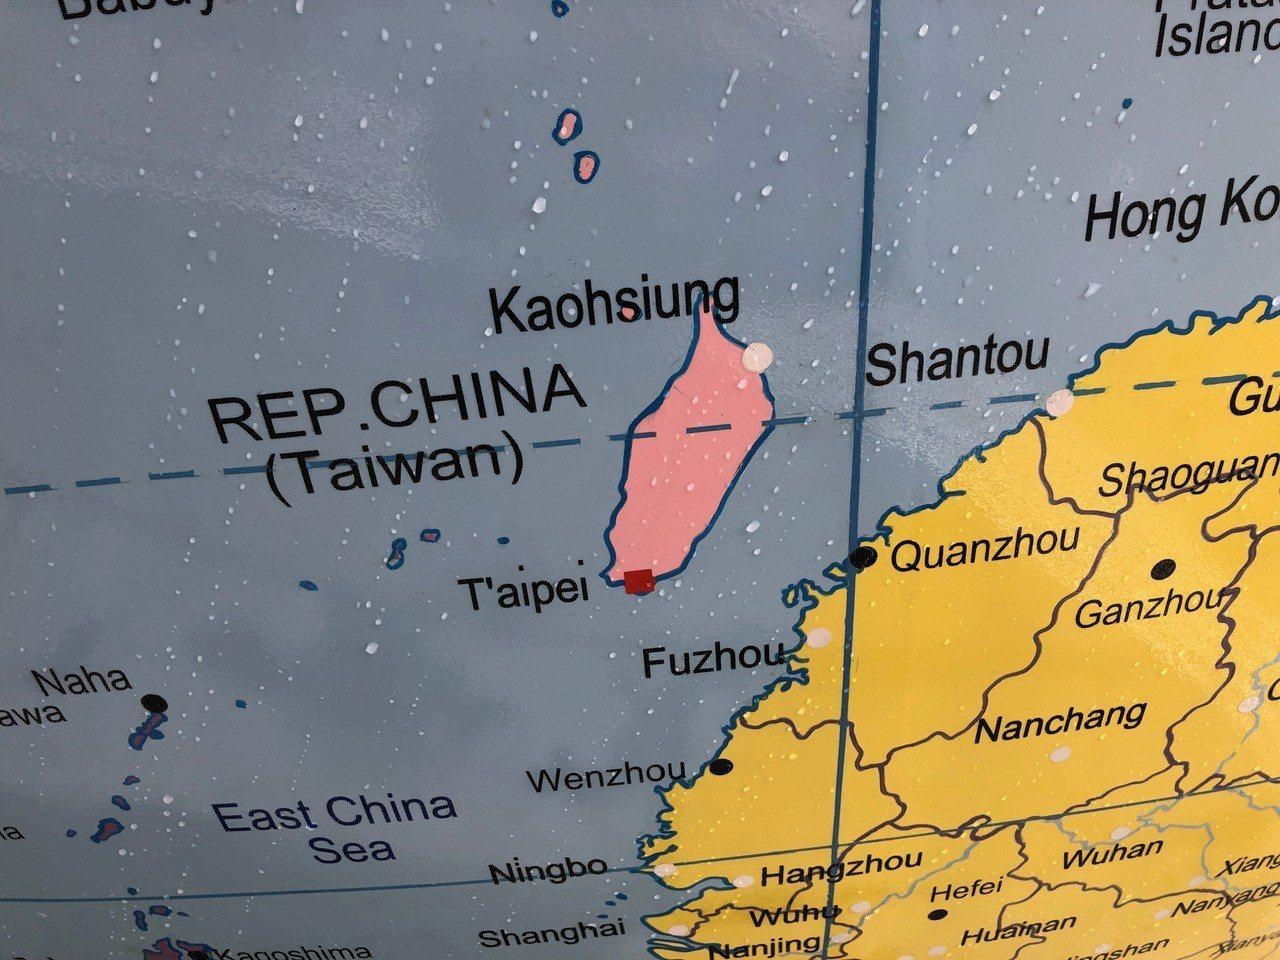 倫敦政經學院設立一座地球儀公共藝術品,把台灣和中國劃分為不同顏色,遭到中國留學生...